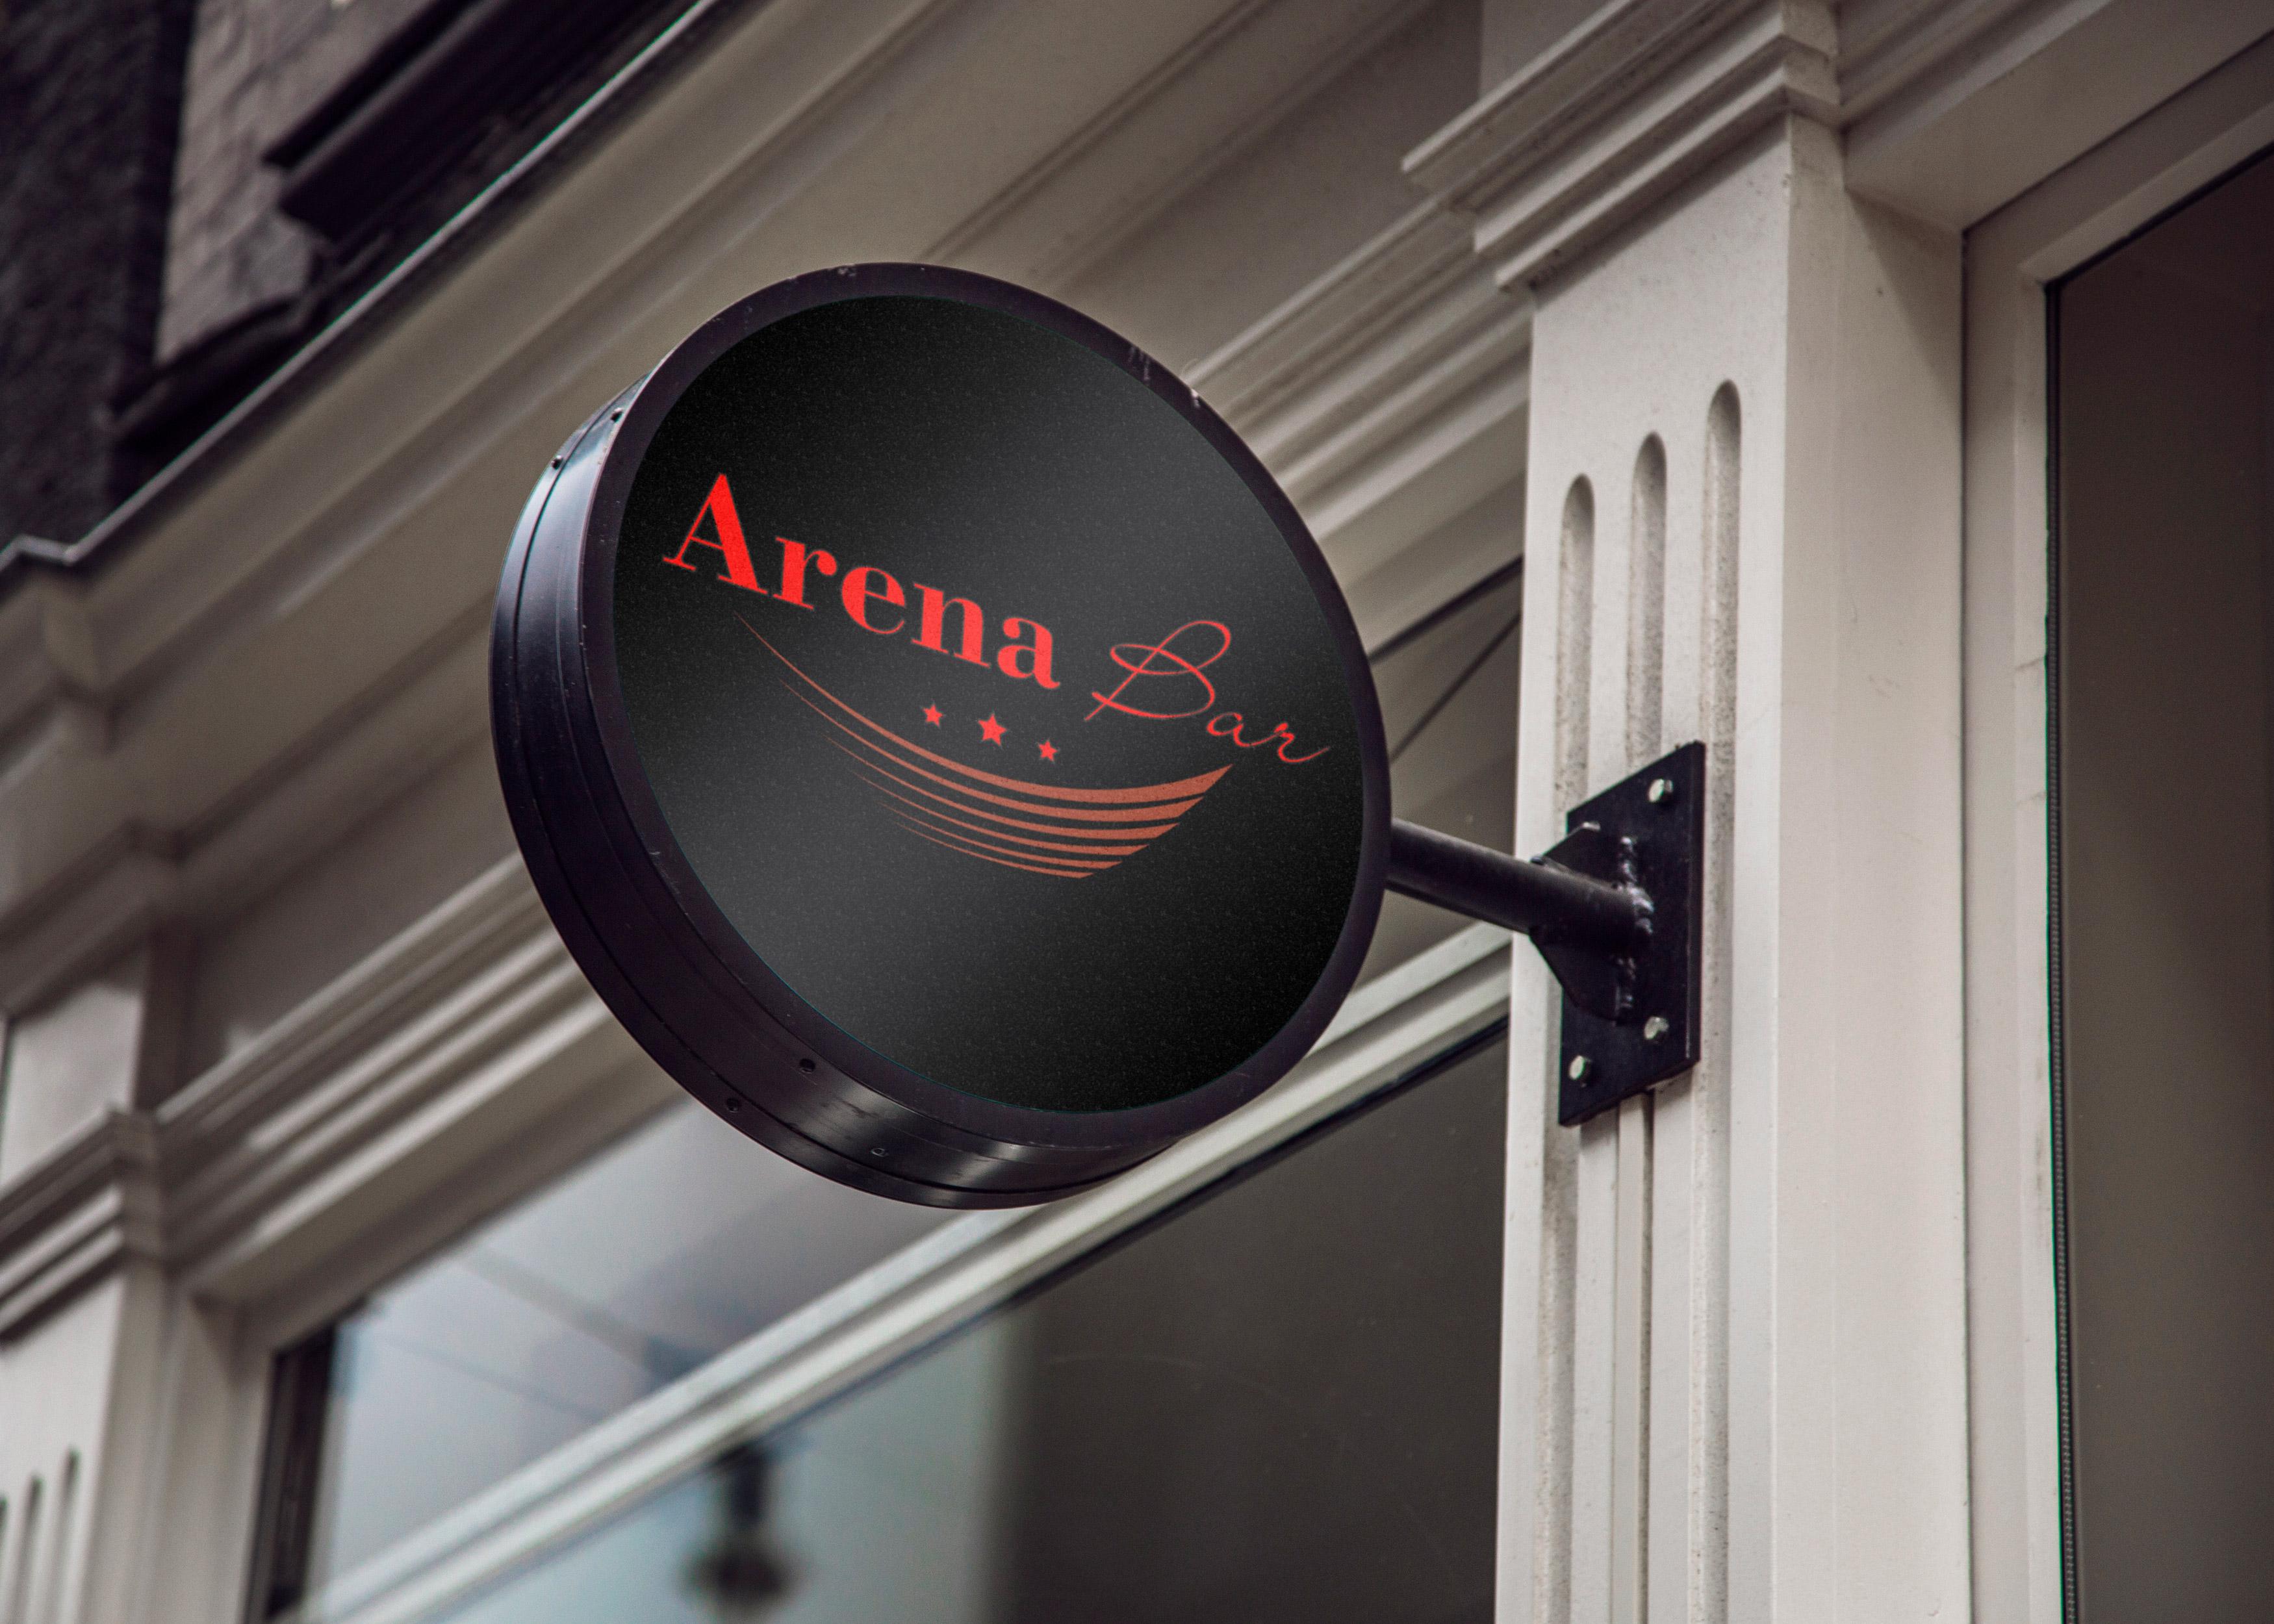 Разработка логотипа для бара! фото f_1915dcbbde578f3c.jpg